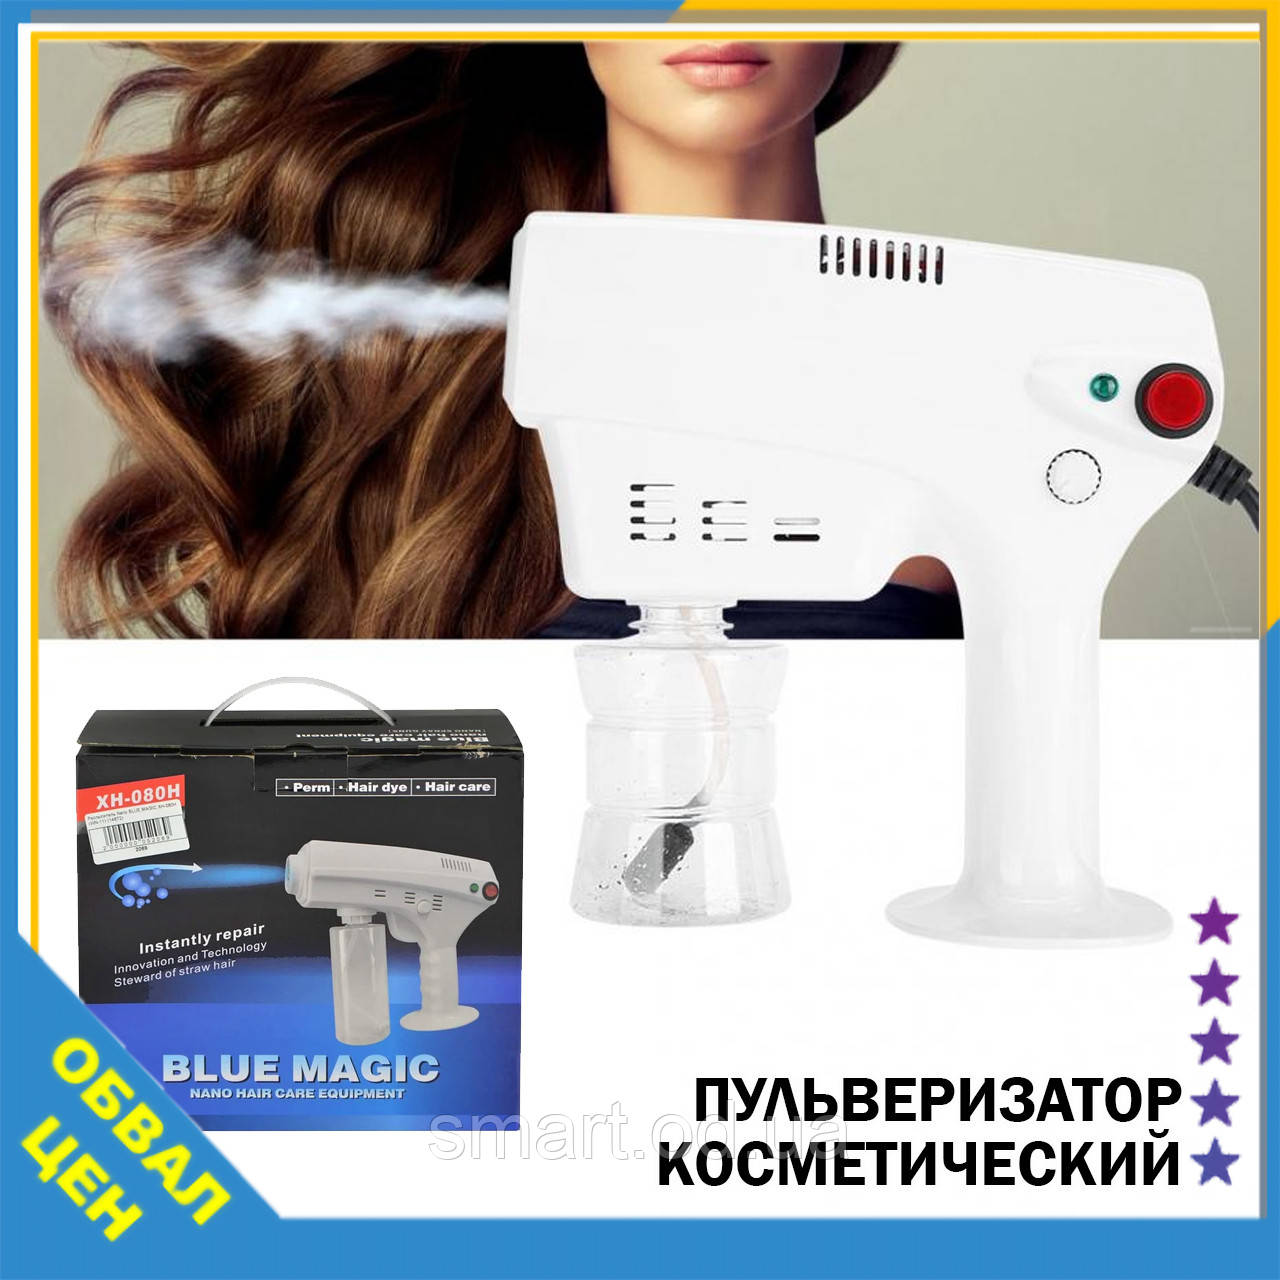 Распылитель Nano BLUEMAGIC XH-080H Пульверизатор косметический подходит для волос лица увлажнитель дезинфектор